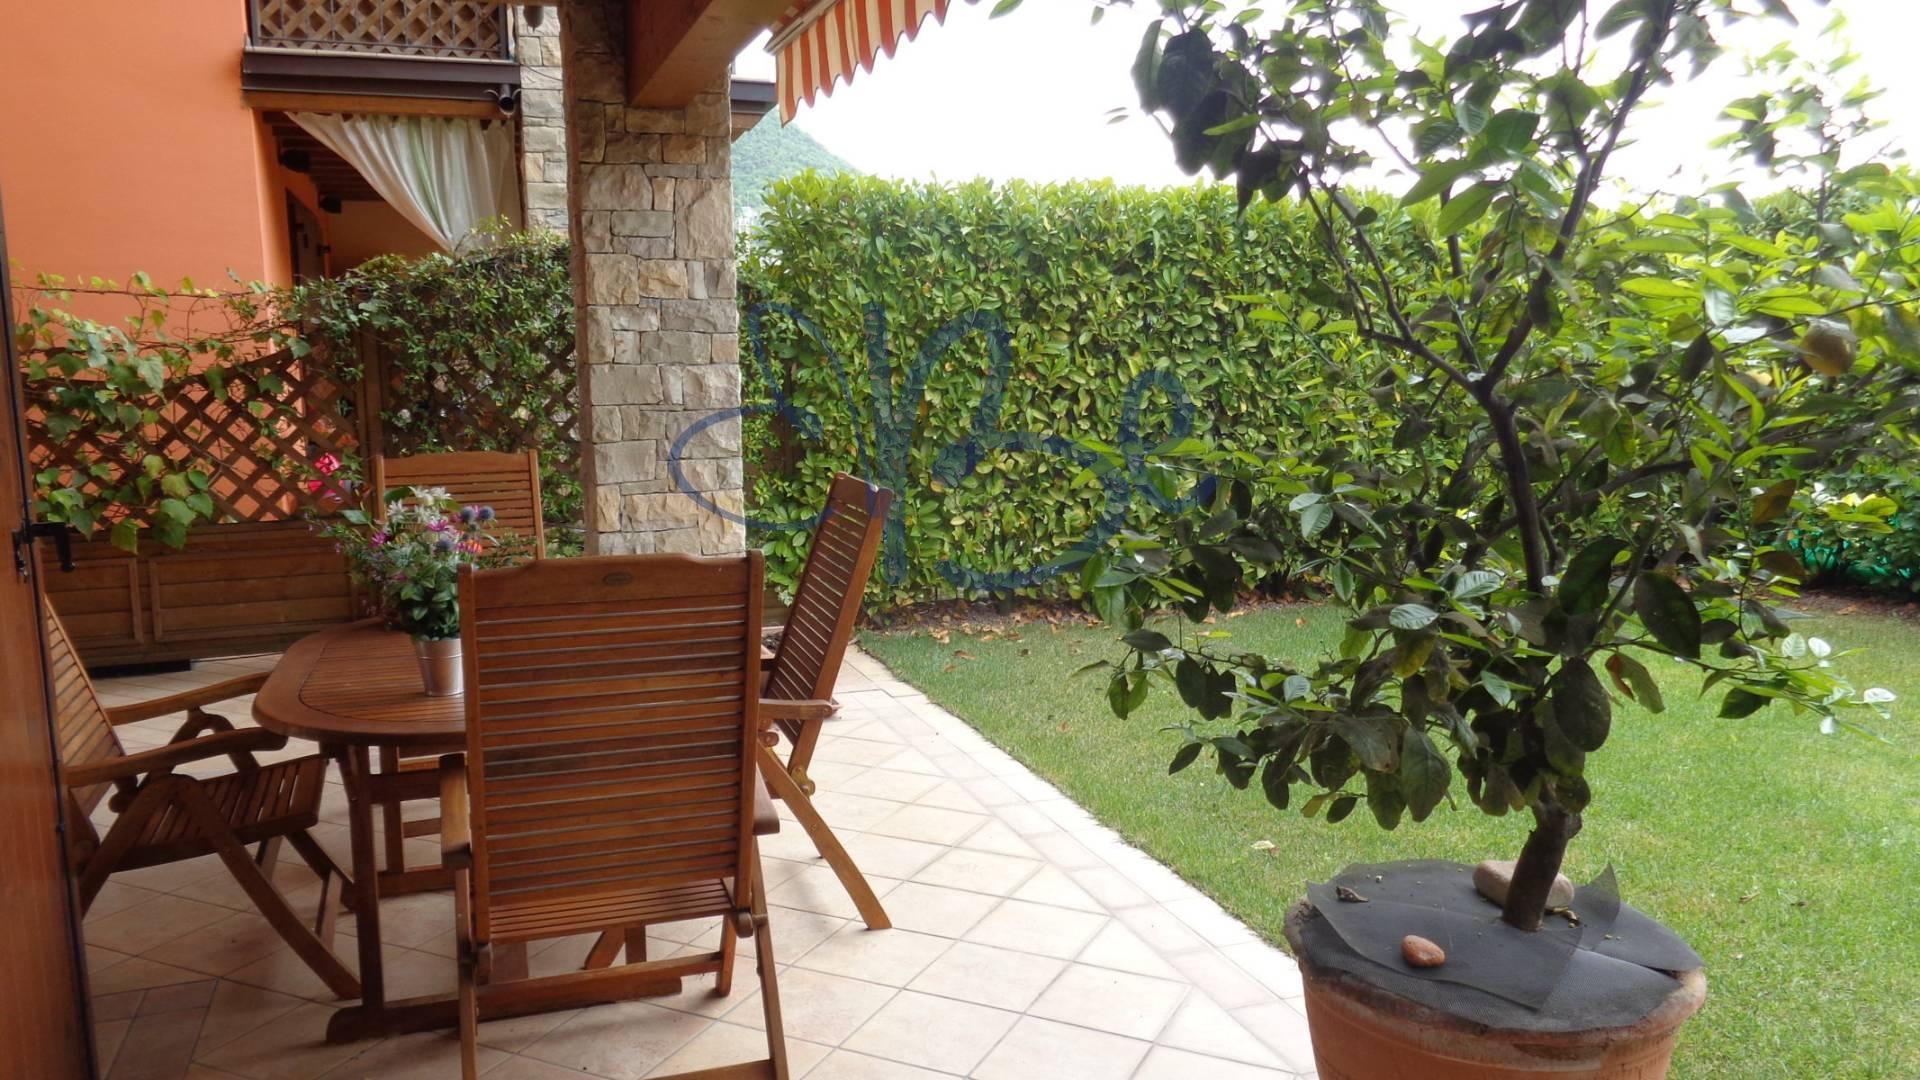 Villa Bifamiliare in vendita a Salò, 6 locali, zona Località: Salò, prezzo € 410.000 | Cambio Casa.it